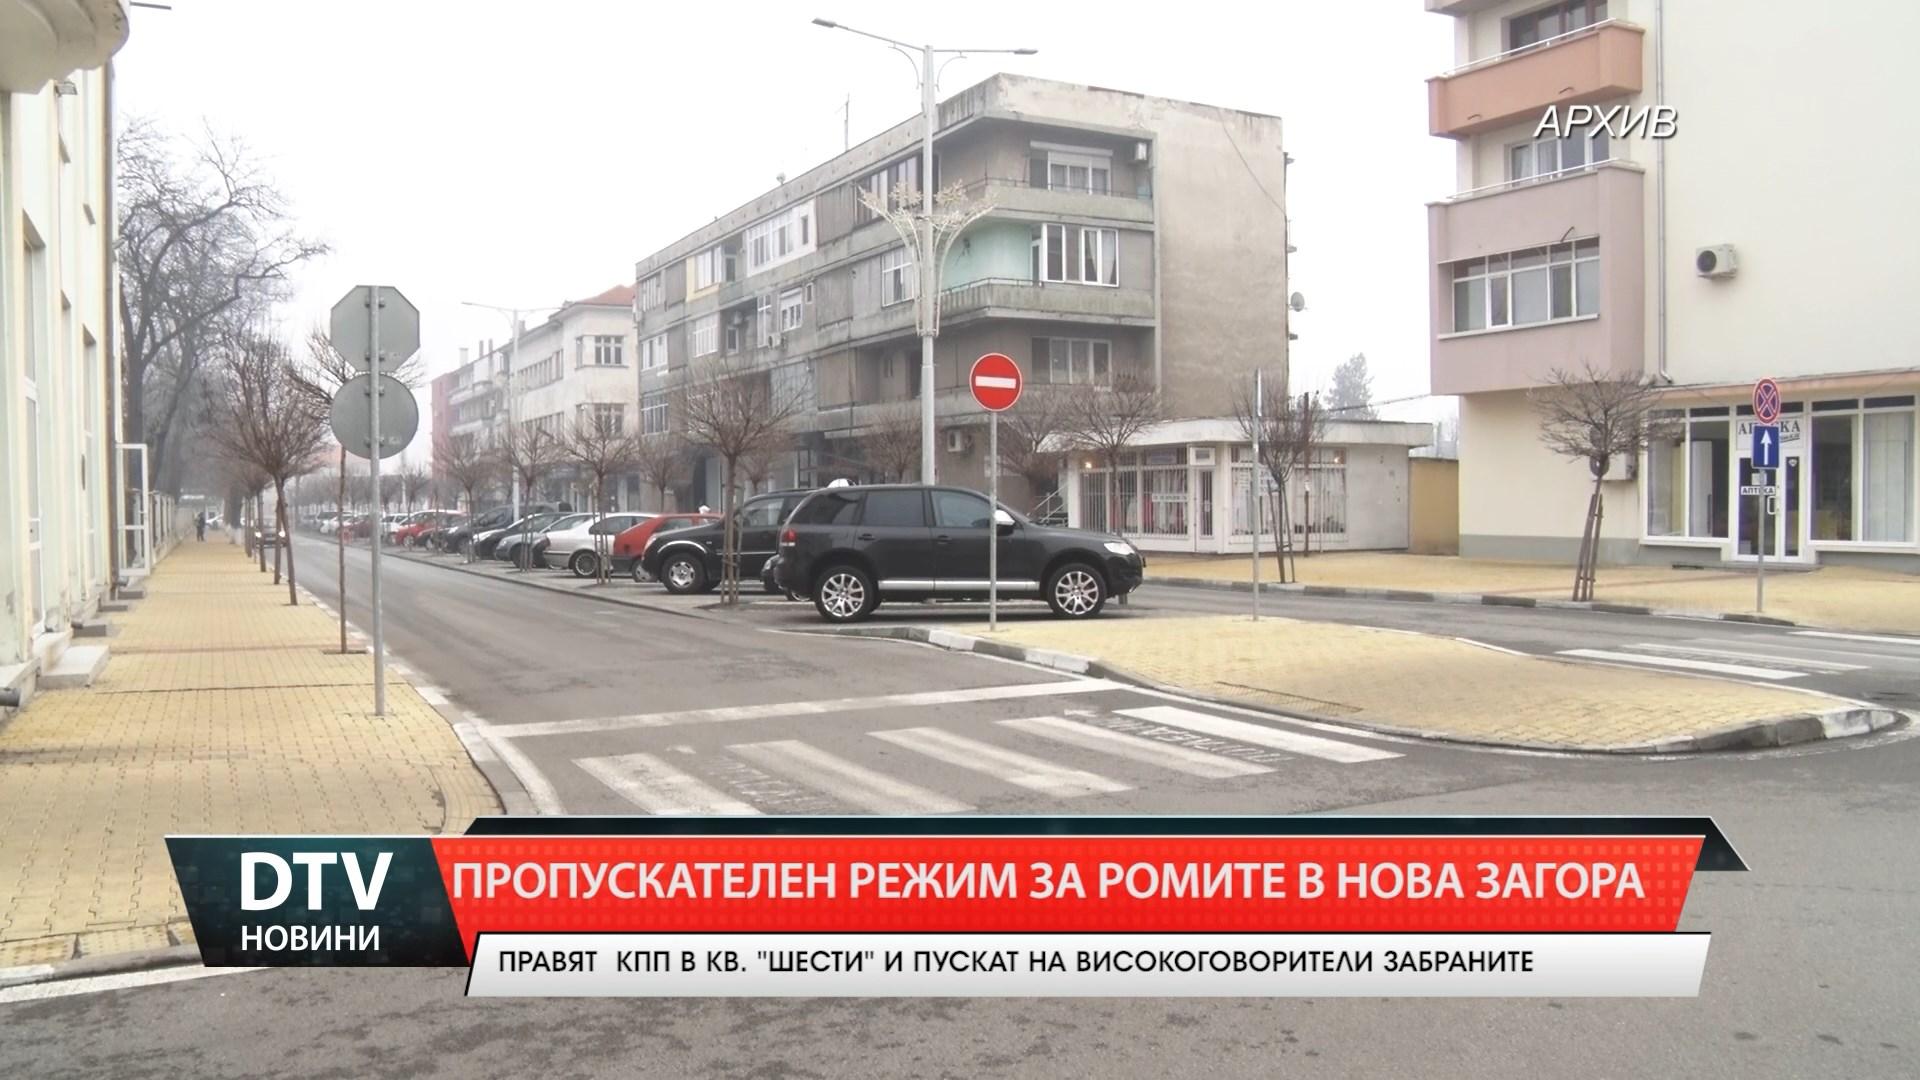 Пропускателен режим за ромите в Нова Загора